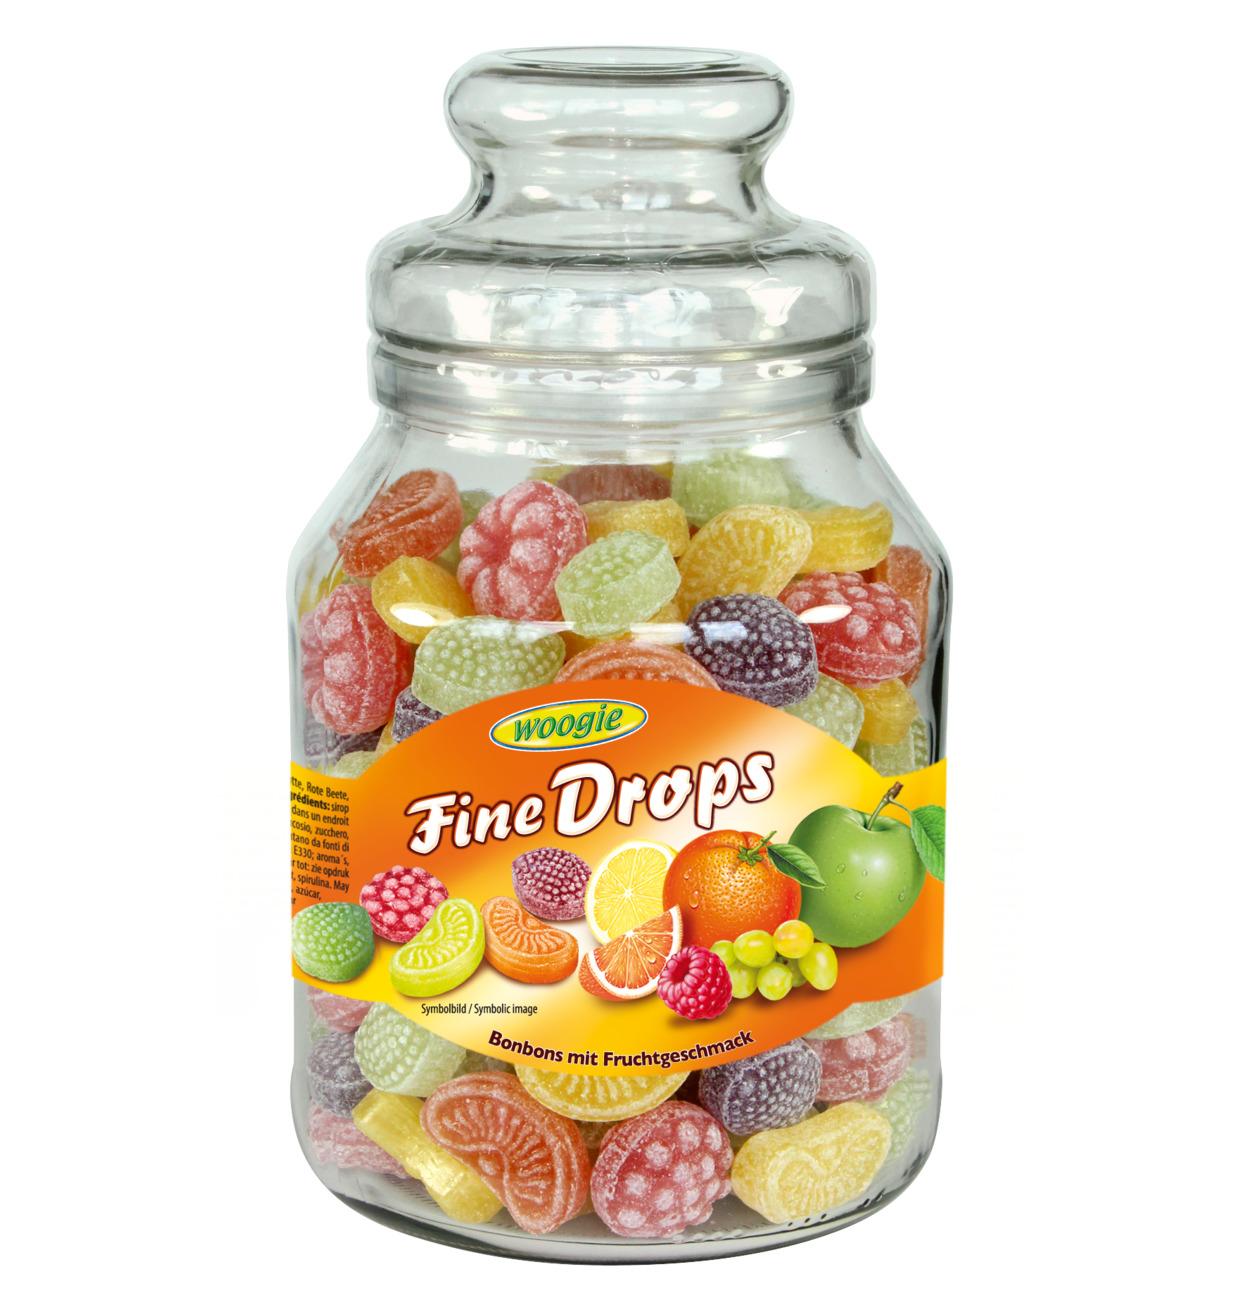 Woogie Fine Drops Fruits mix flavour 966g